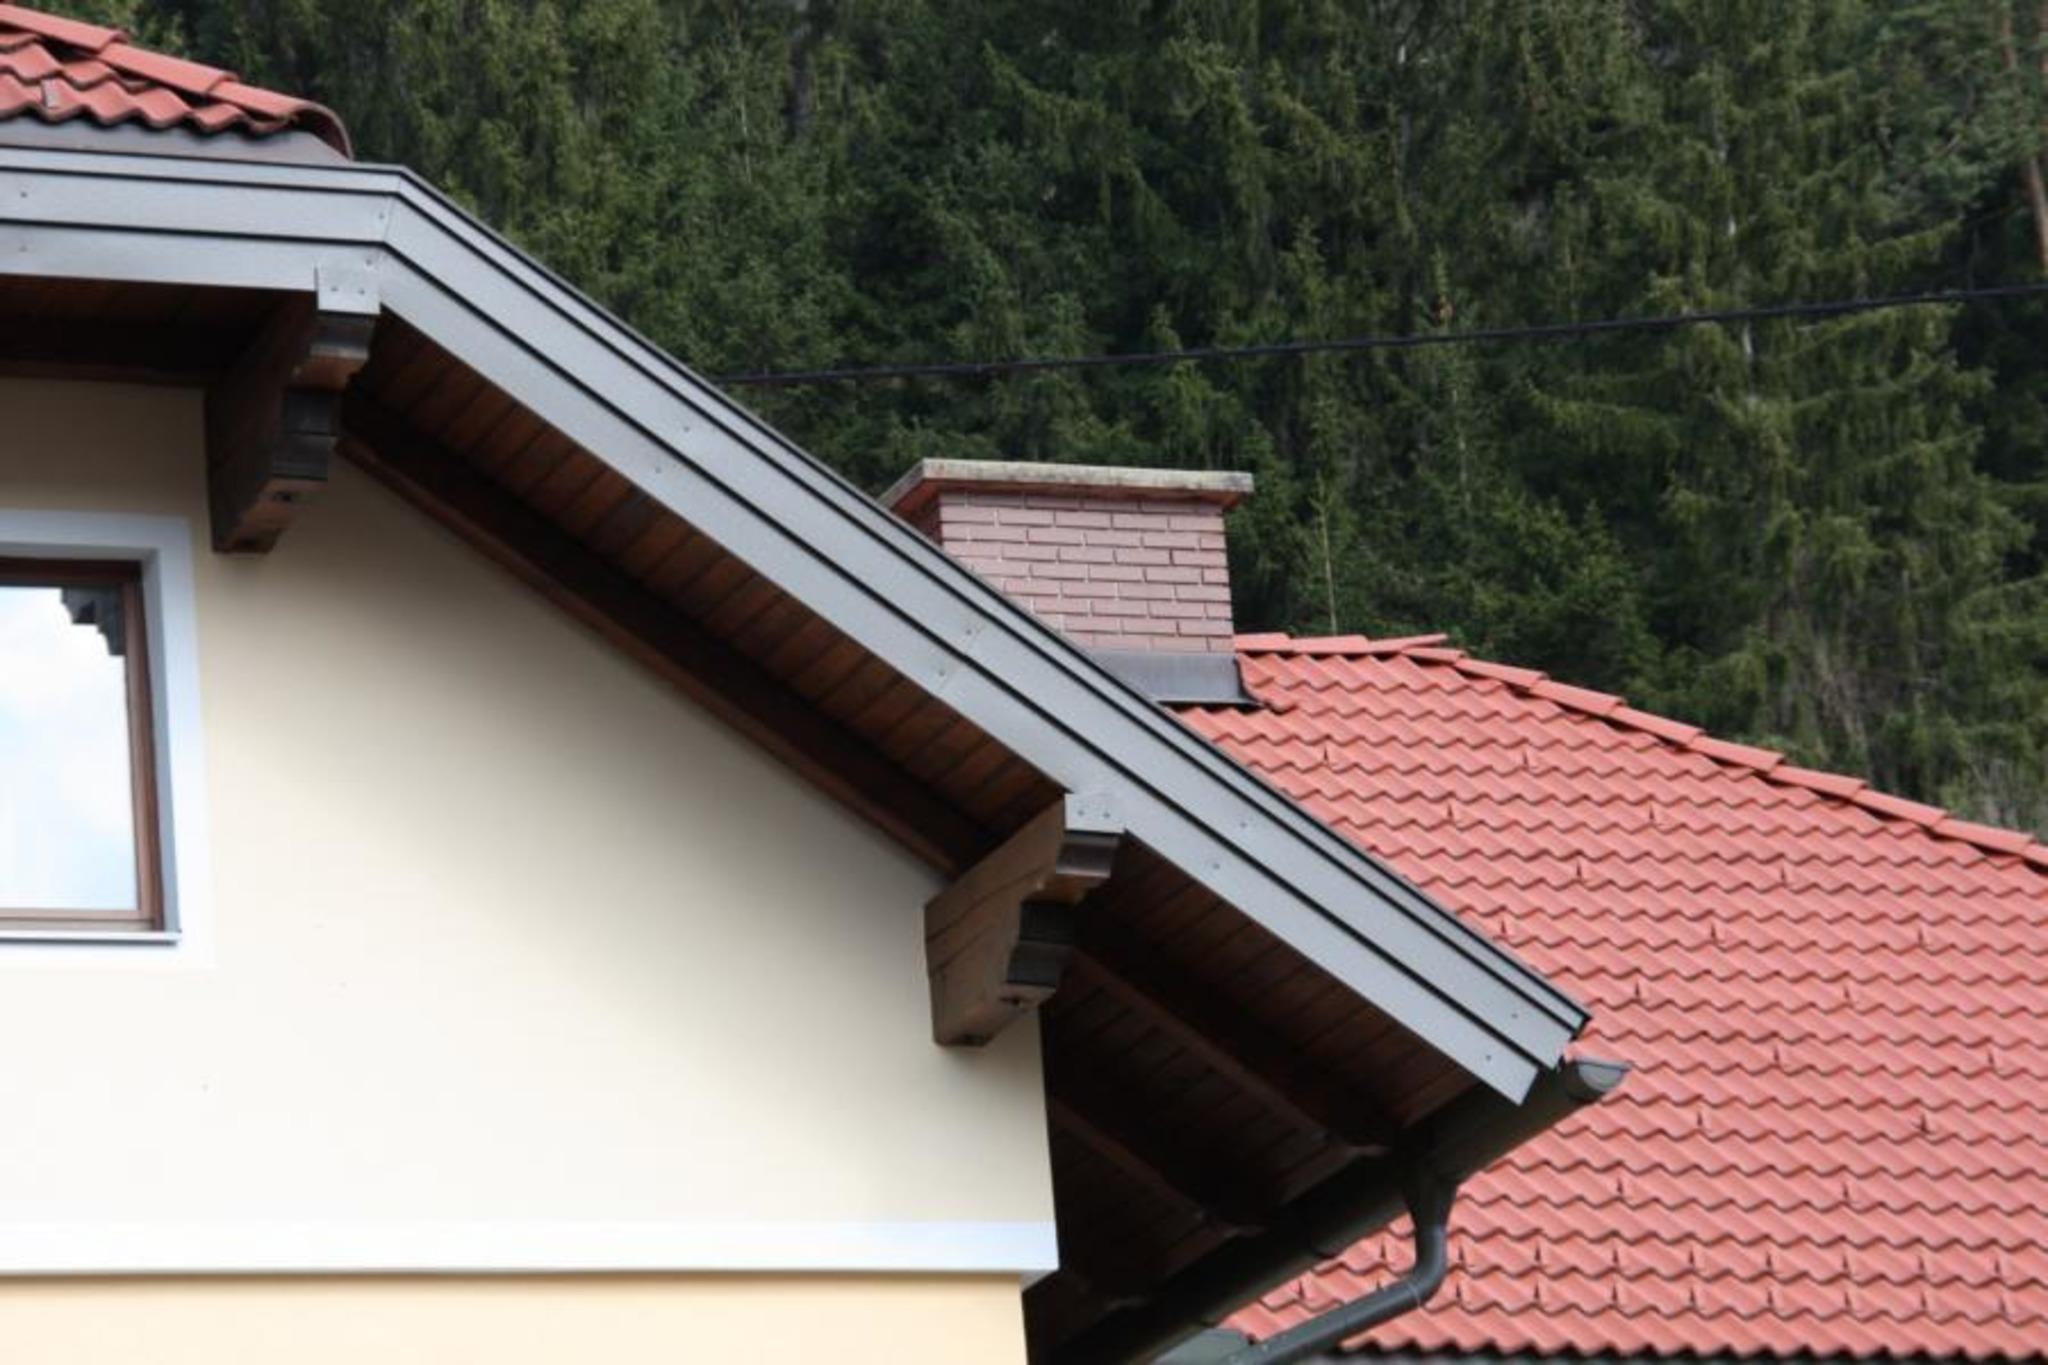 Extrem Ein guter Tipp für den Hausbesitzer ! Metallverkleidung von MF61